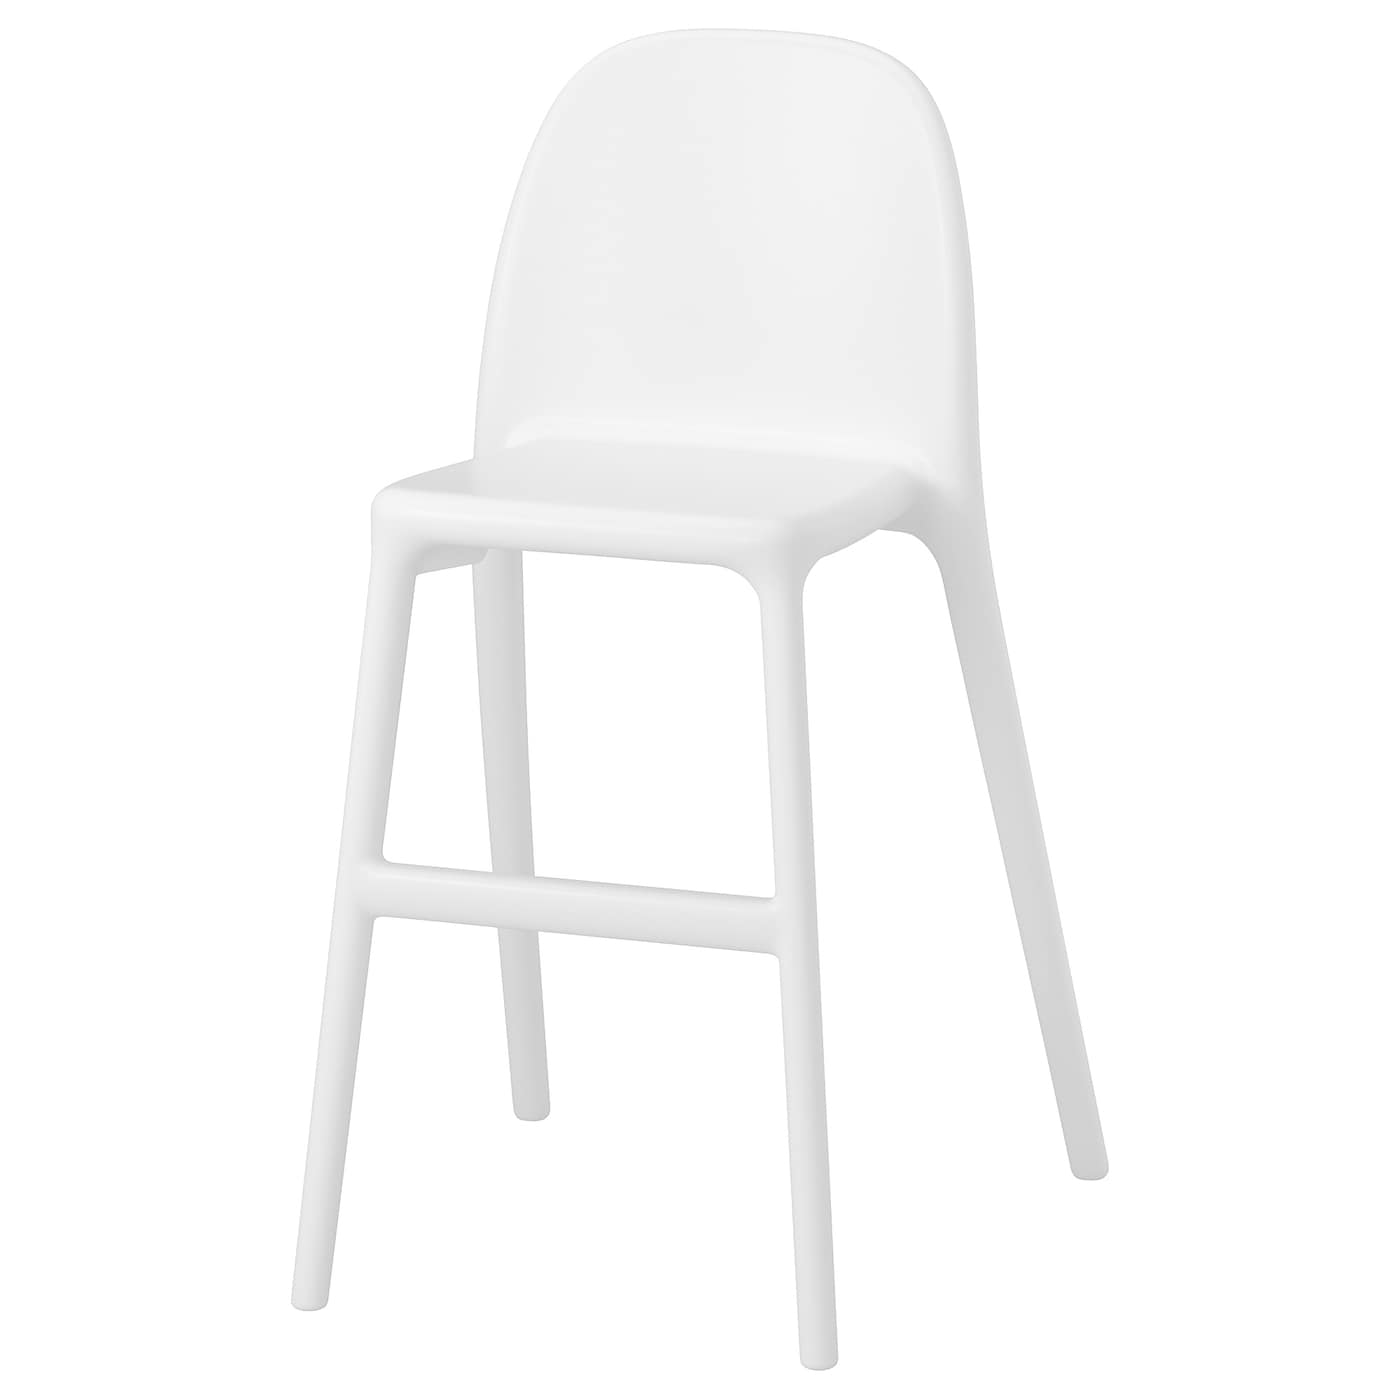 Kinderstoel Wit Hout.Kinderstoel Hout Ikea